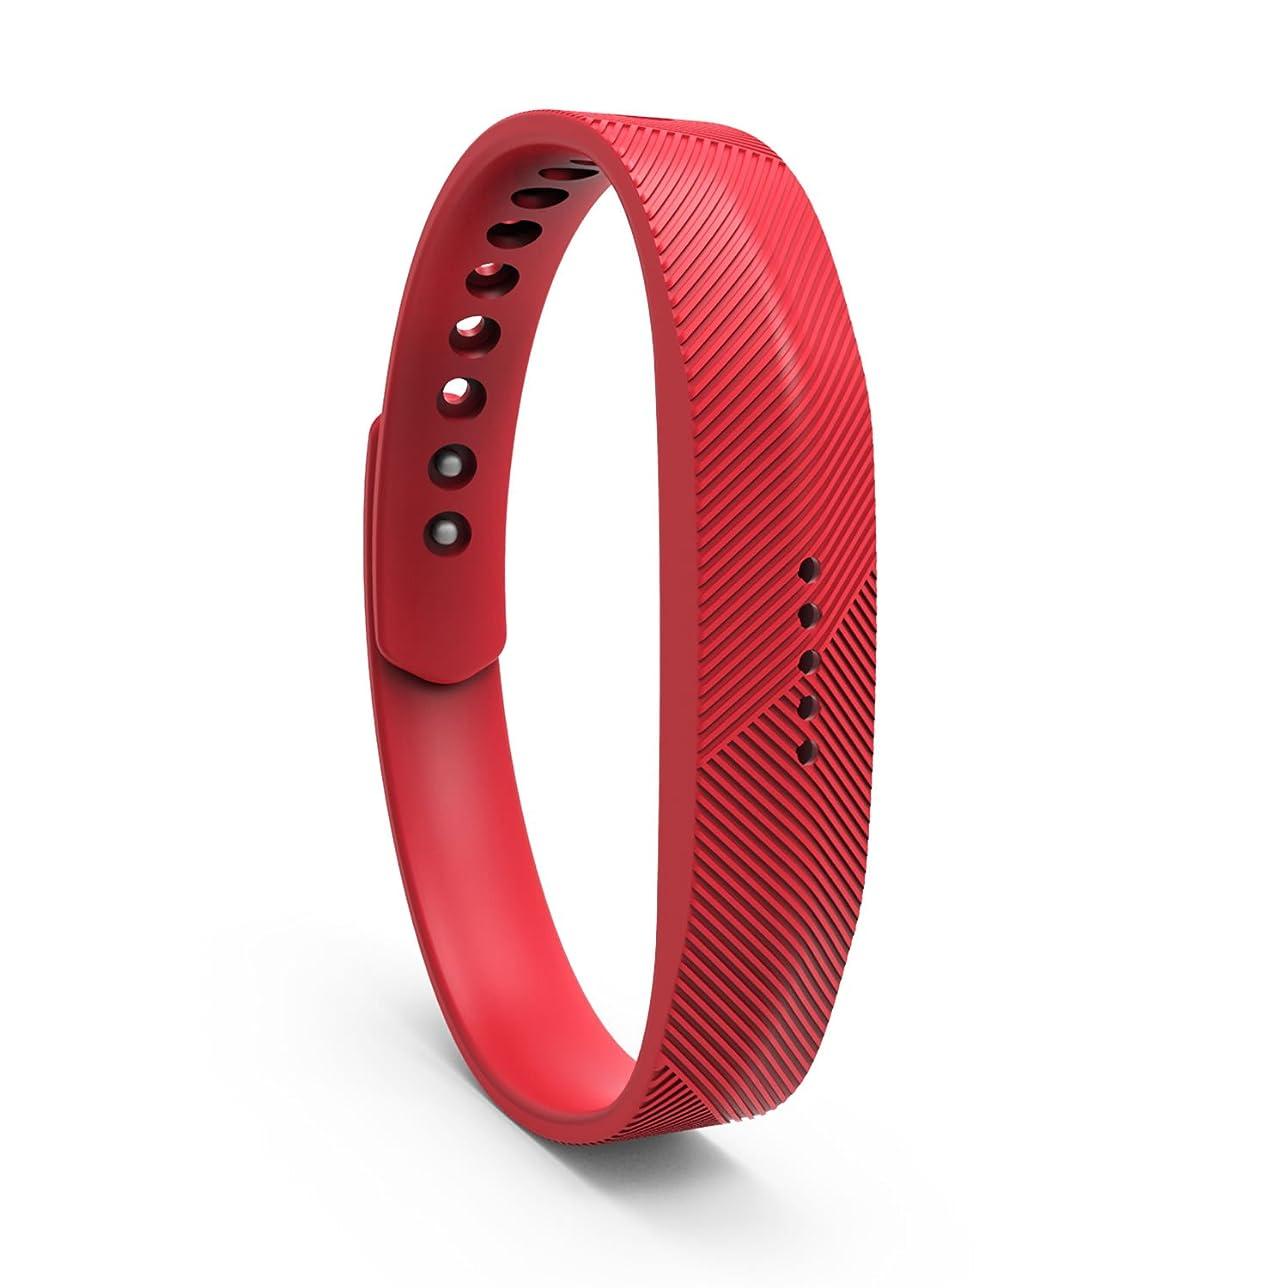 レイア排出バターTencloud Fitbit Flex 2交換用リストバンドシリコストラップ Flex 2スポーツ アウトドア 機能性インナー アクセサリー リストバンド